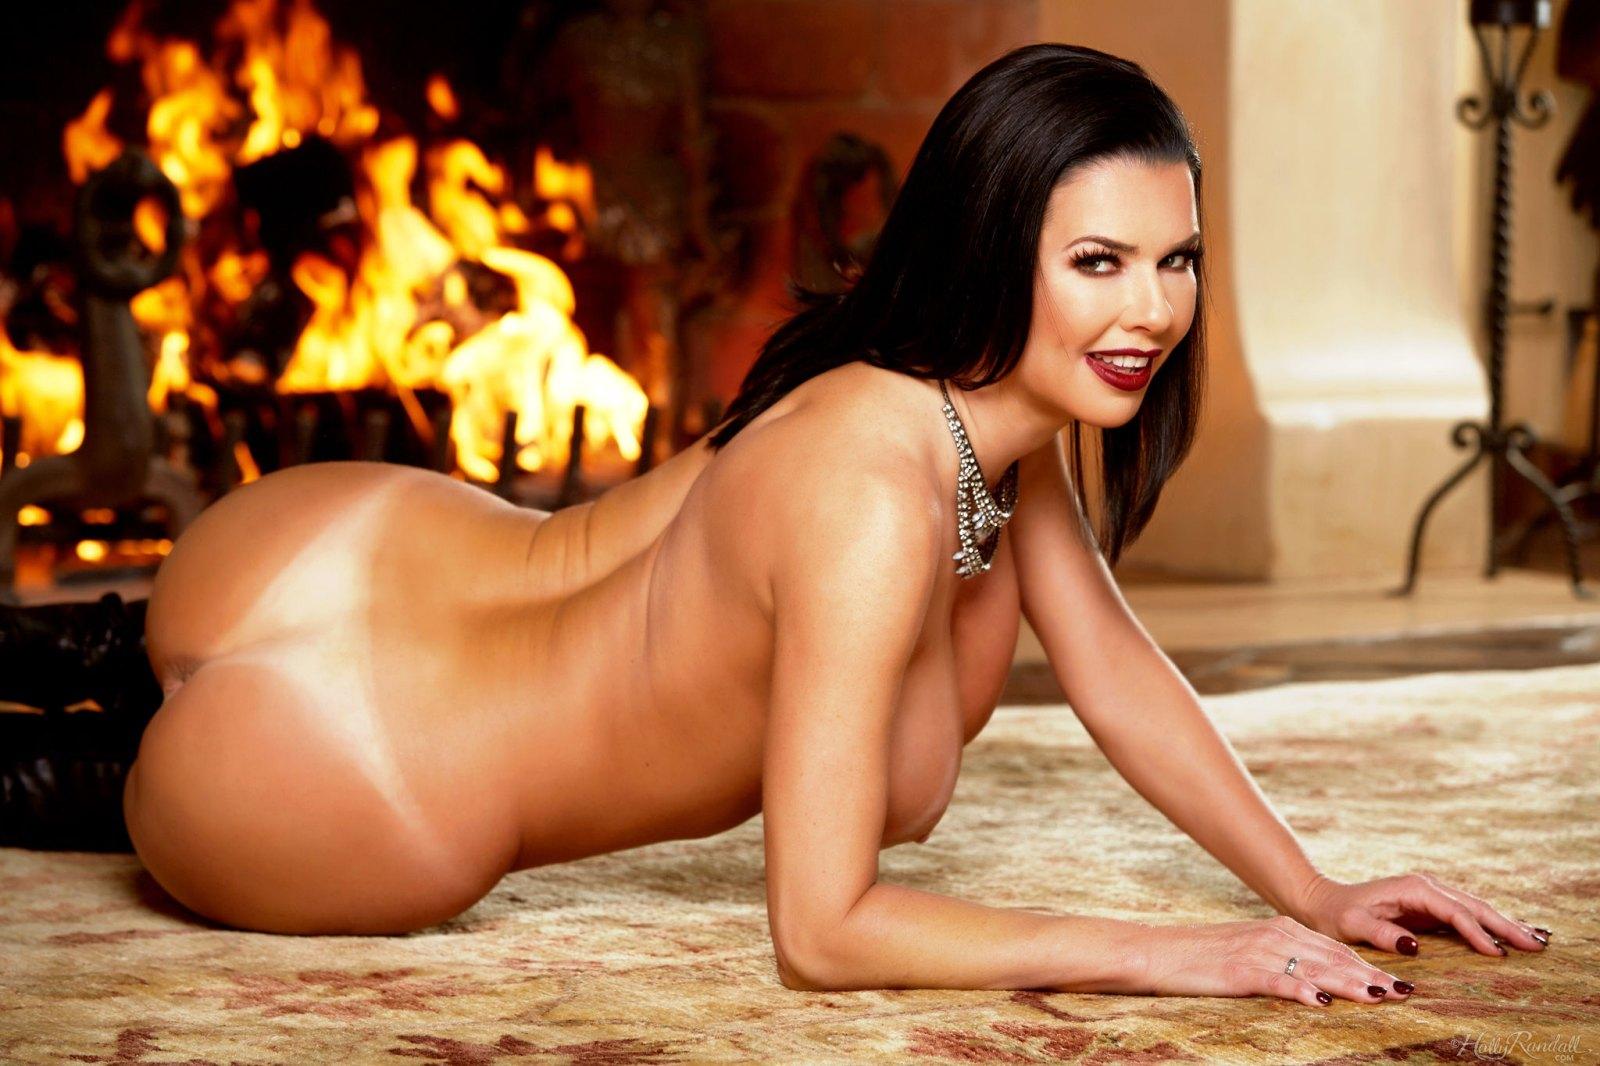 Veronica Avluv Nude